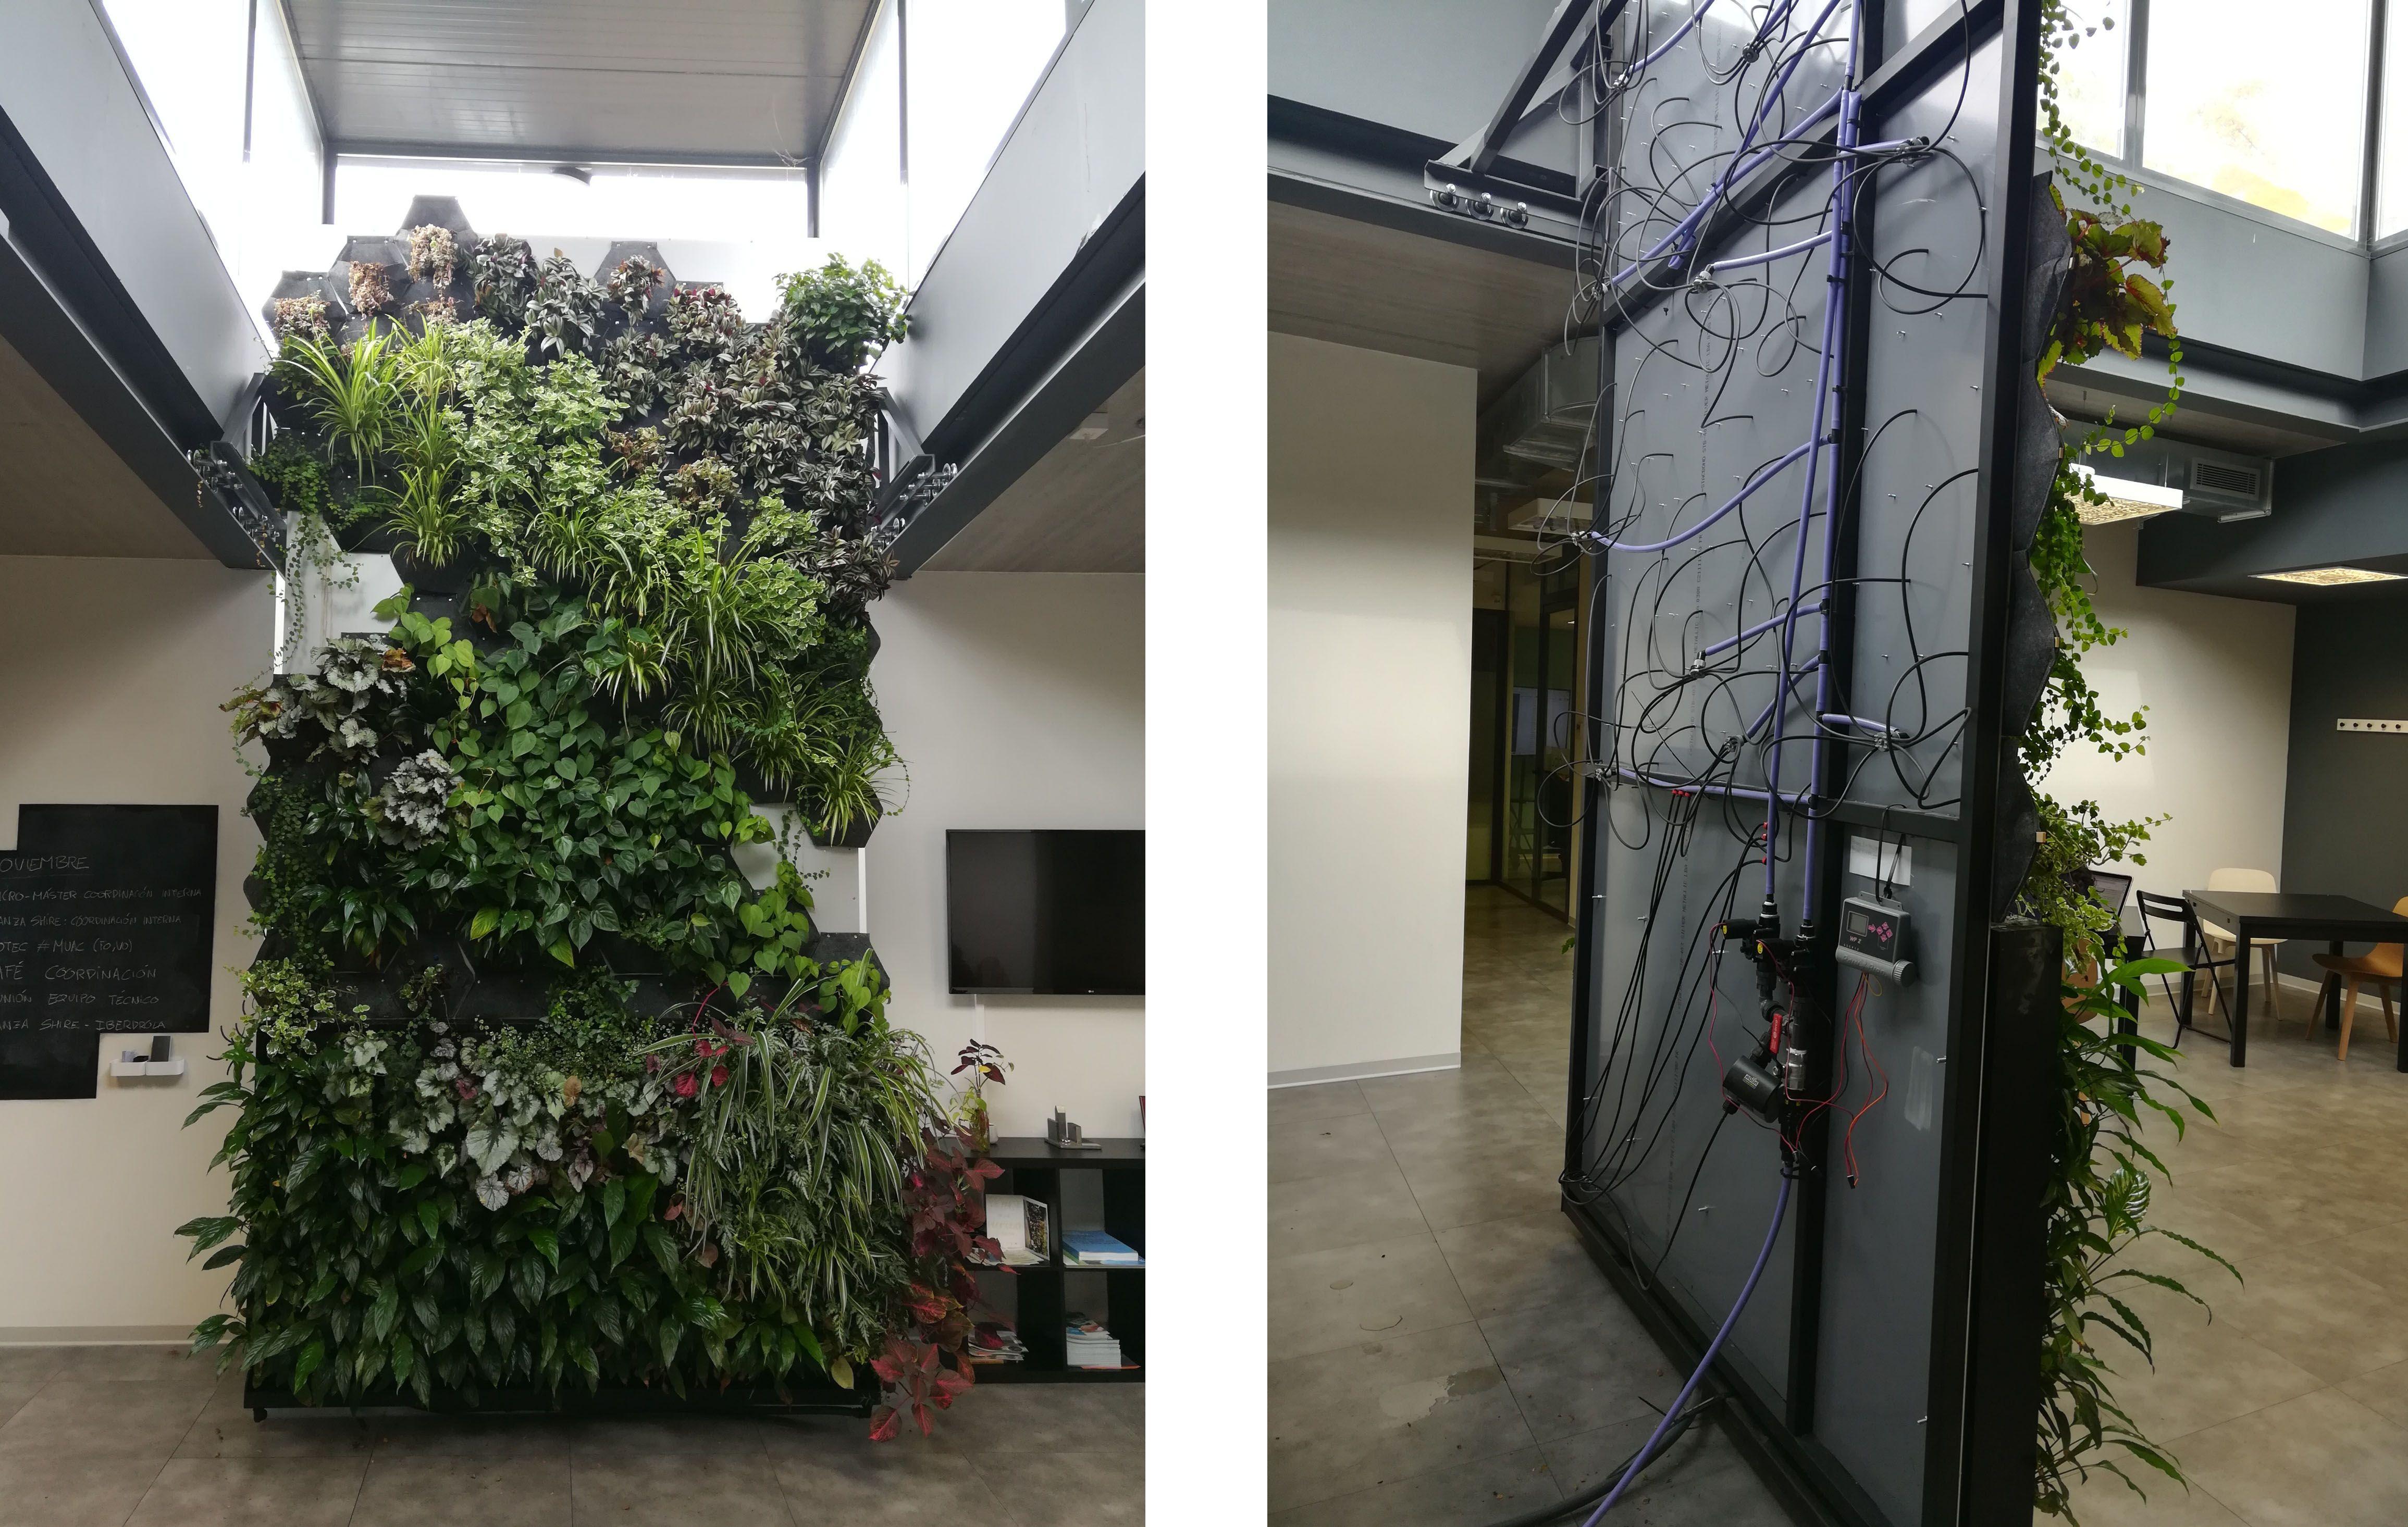 Jardines verticales en interior cu nto nos ayudan a - Jardin vertical interior ...